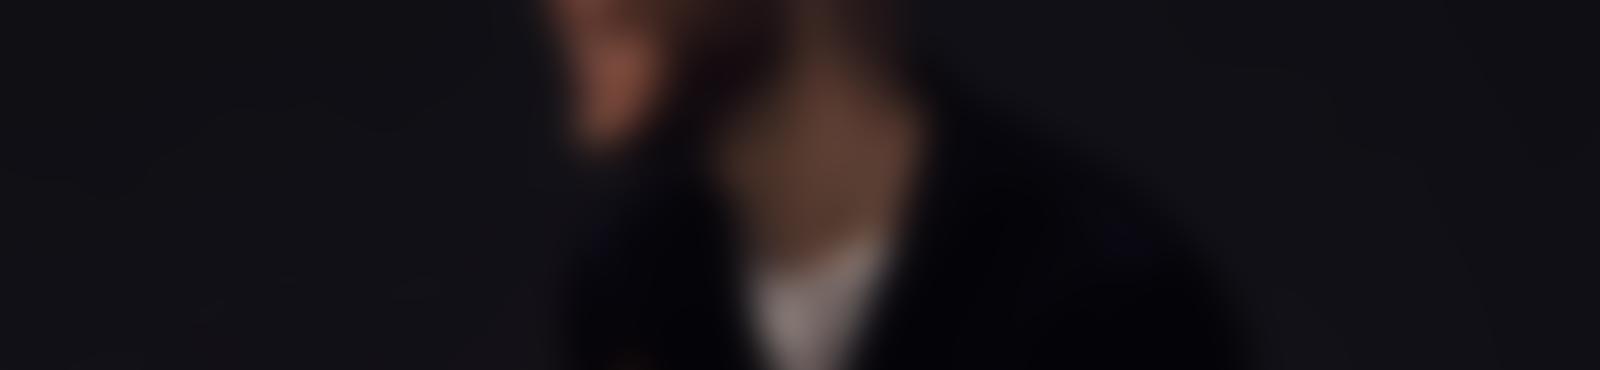 Blurred fac81cbc 819d 435e b804 da4a59d8a99c